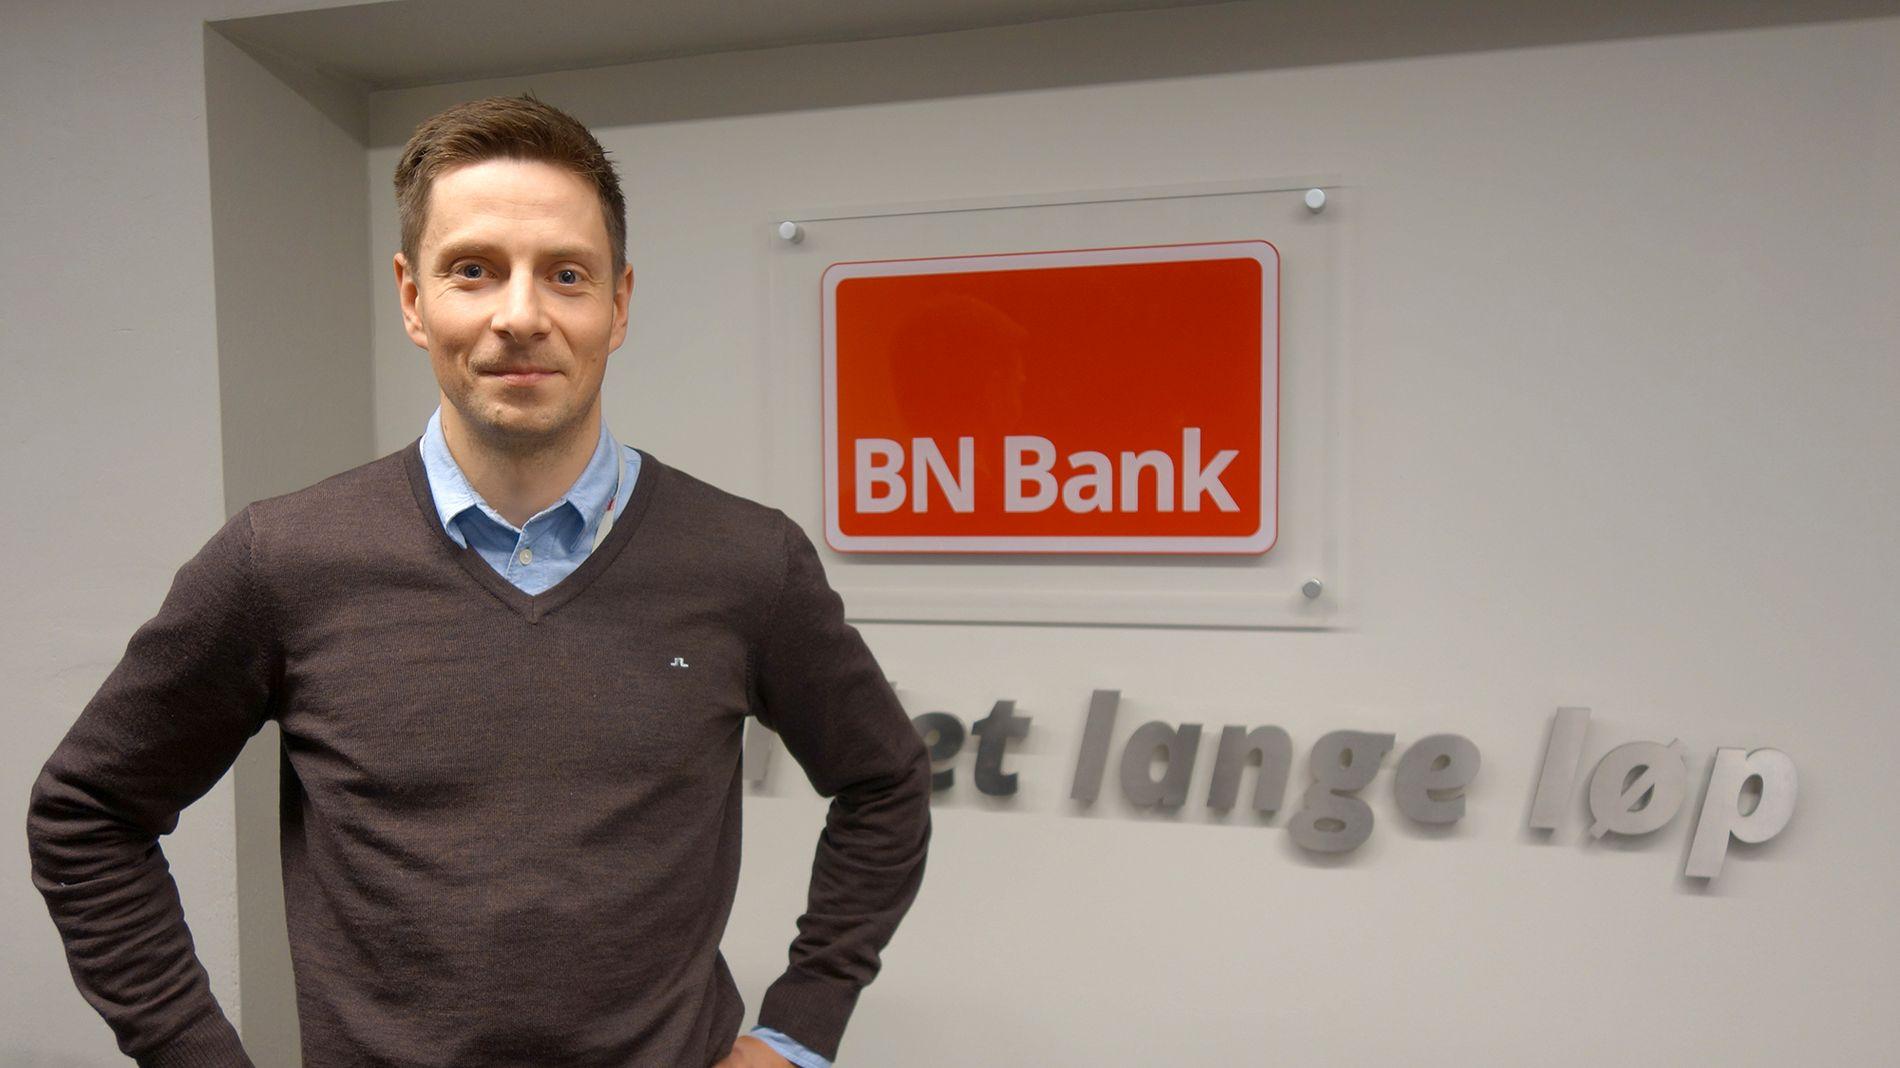 BEKYMRET: Joakim Blix Prestmo, analytiker i BN Bank, mener nordmenn bruker kredittkortet for mye.